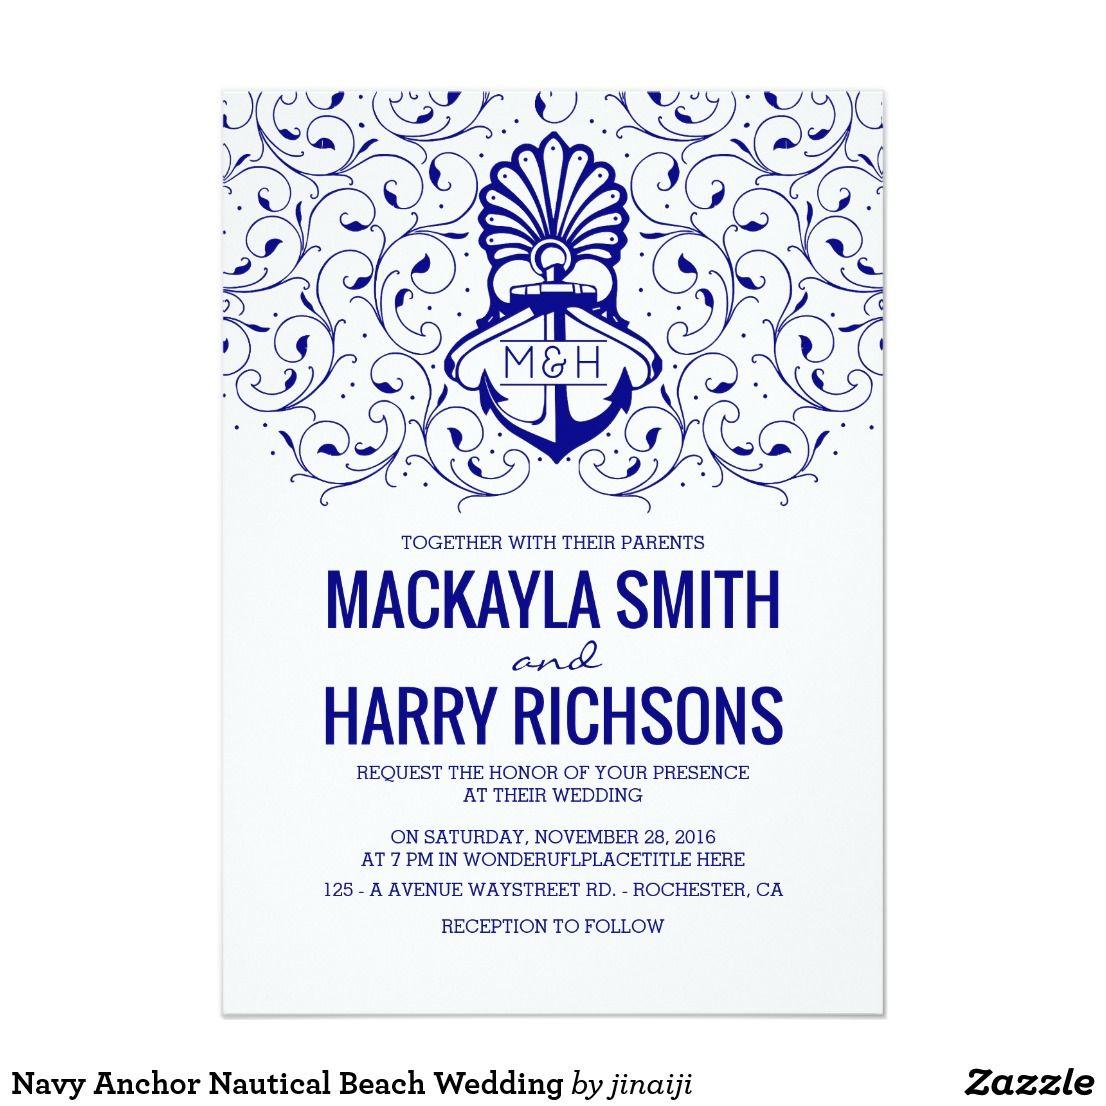 Navy Anchor Nautical Beach Wedding Card | Navy anchor, Wedding card ...